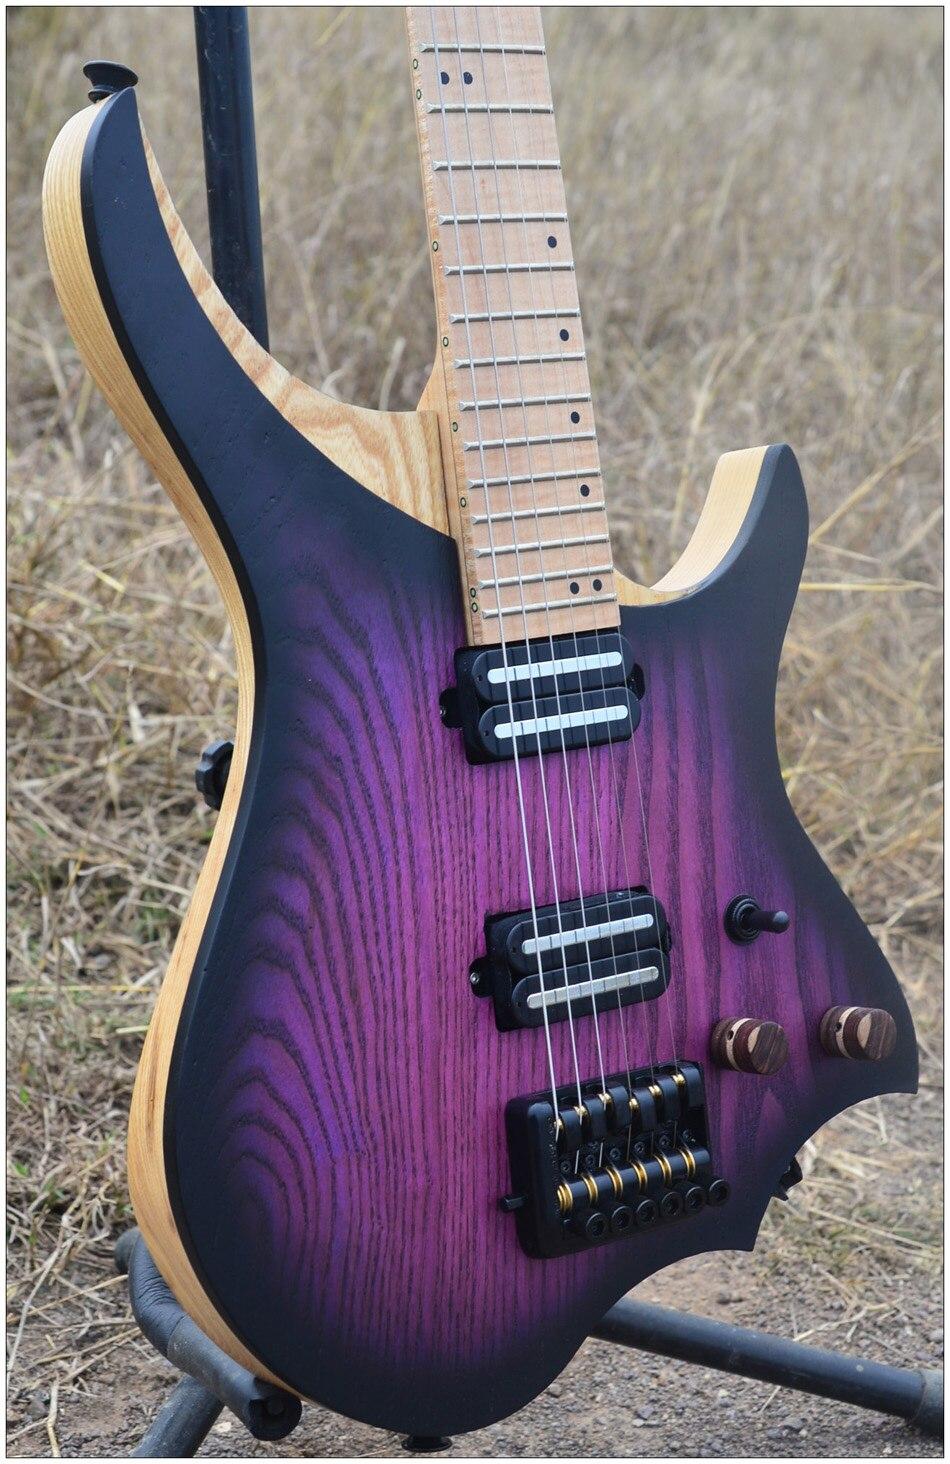 NK Sans Tête Guitare Électrique steinberger style Modèle éclat Violet Couleur Flamme manche érable en stock Guitare livraison gratuite